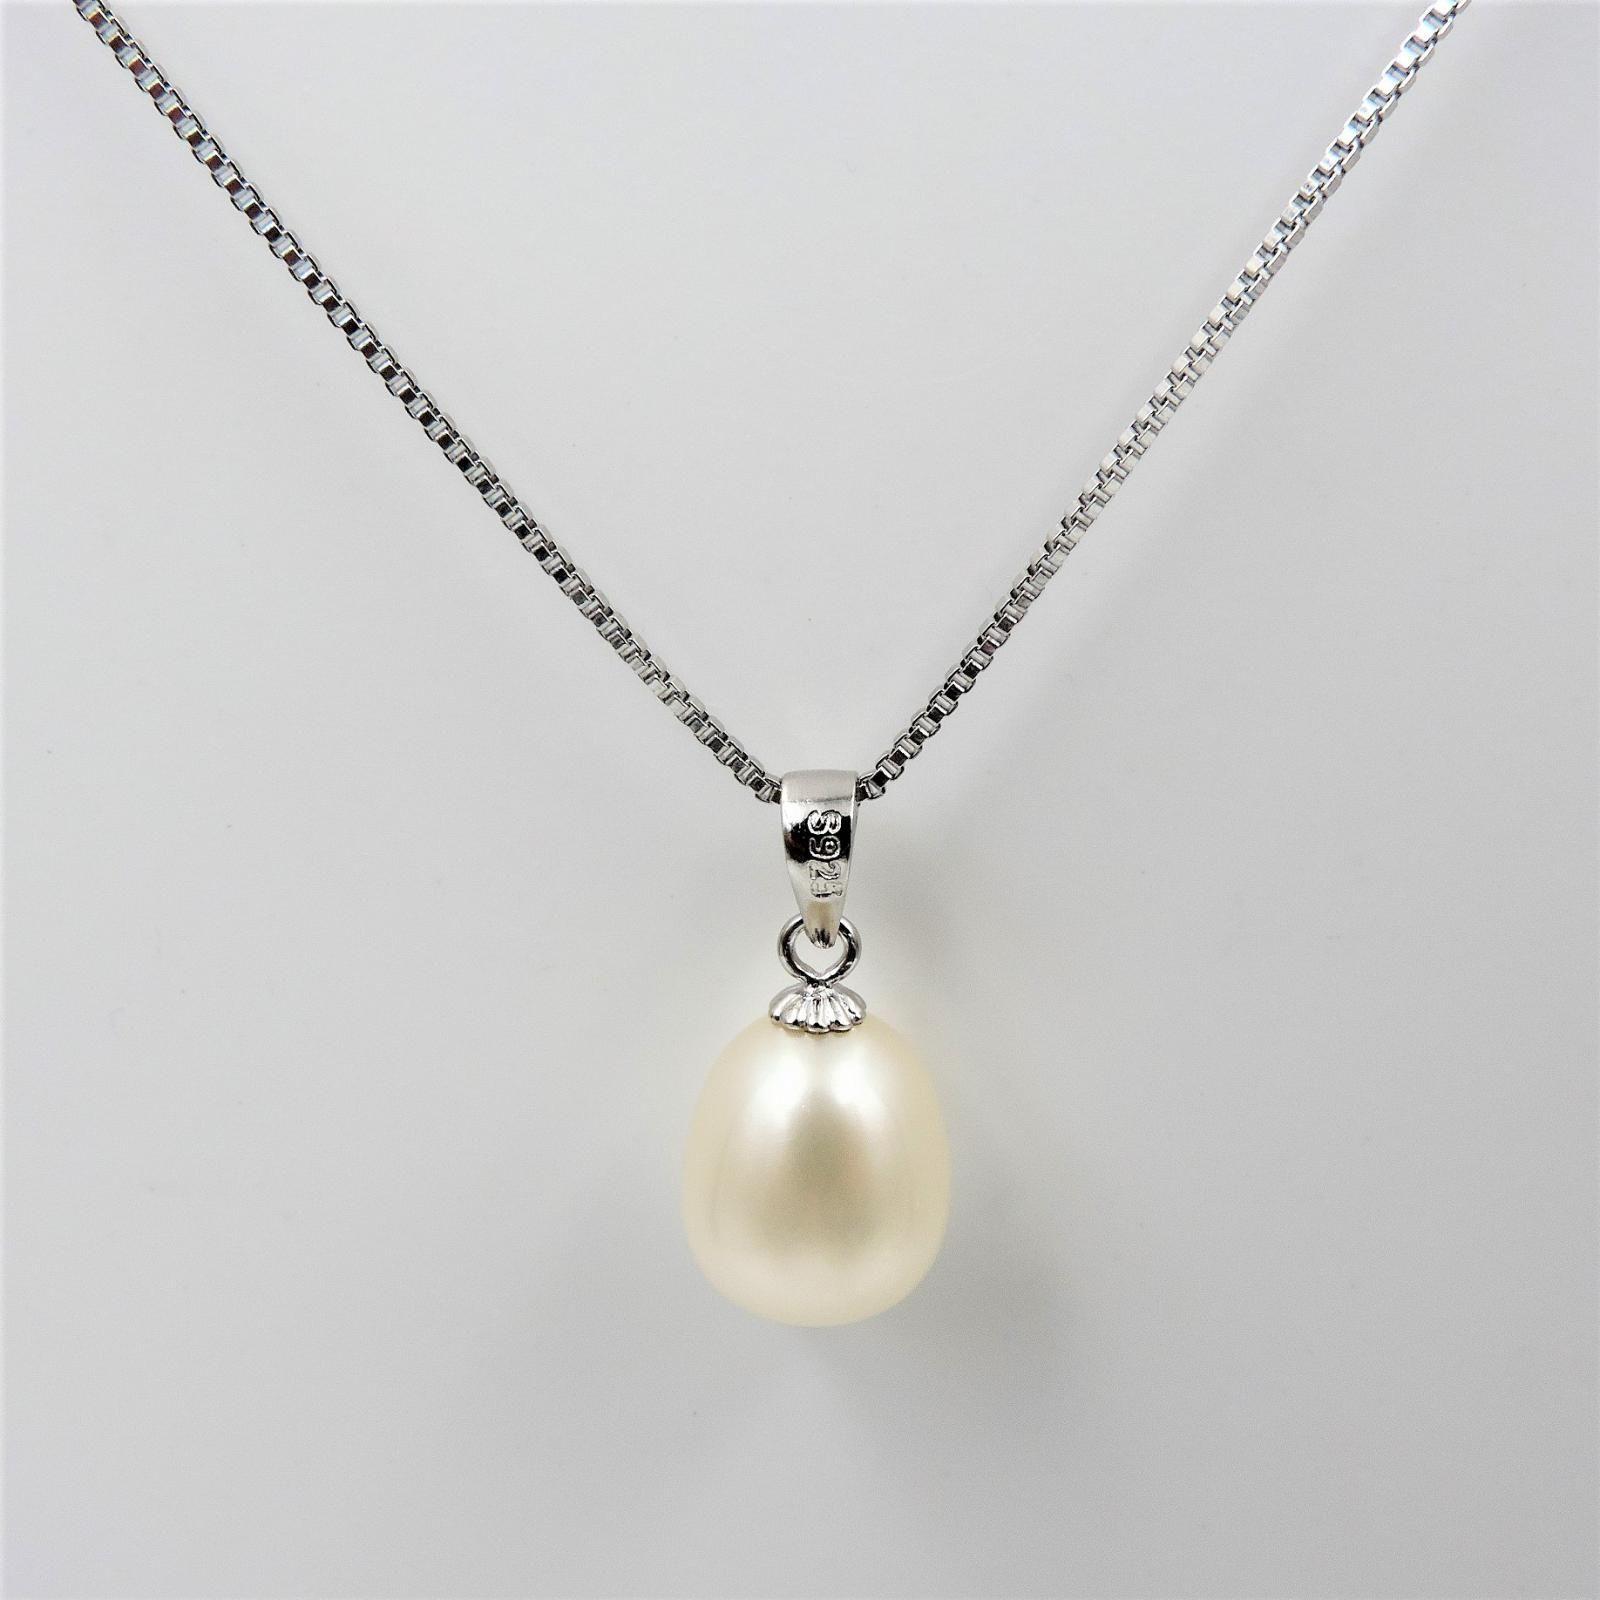 a602e6c8e2e8 Colgante de perla blanca de gota elegante y clásico. INCLUYE CADENA ...